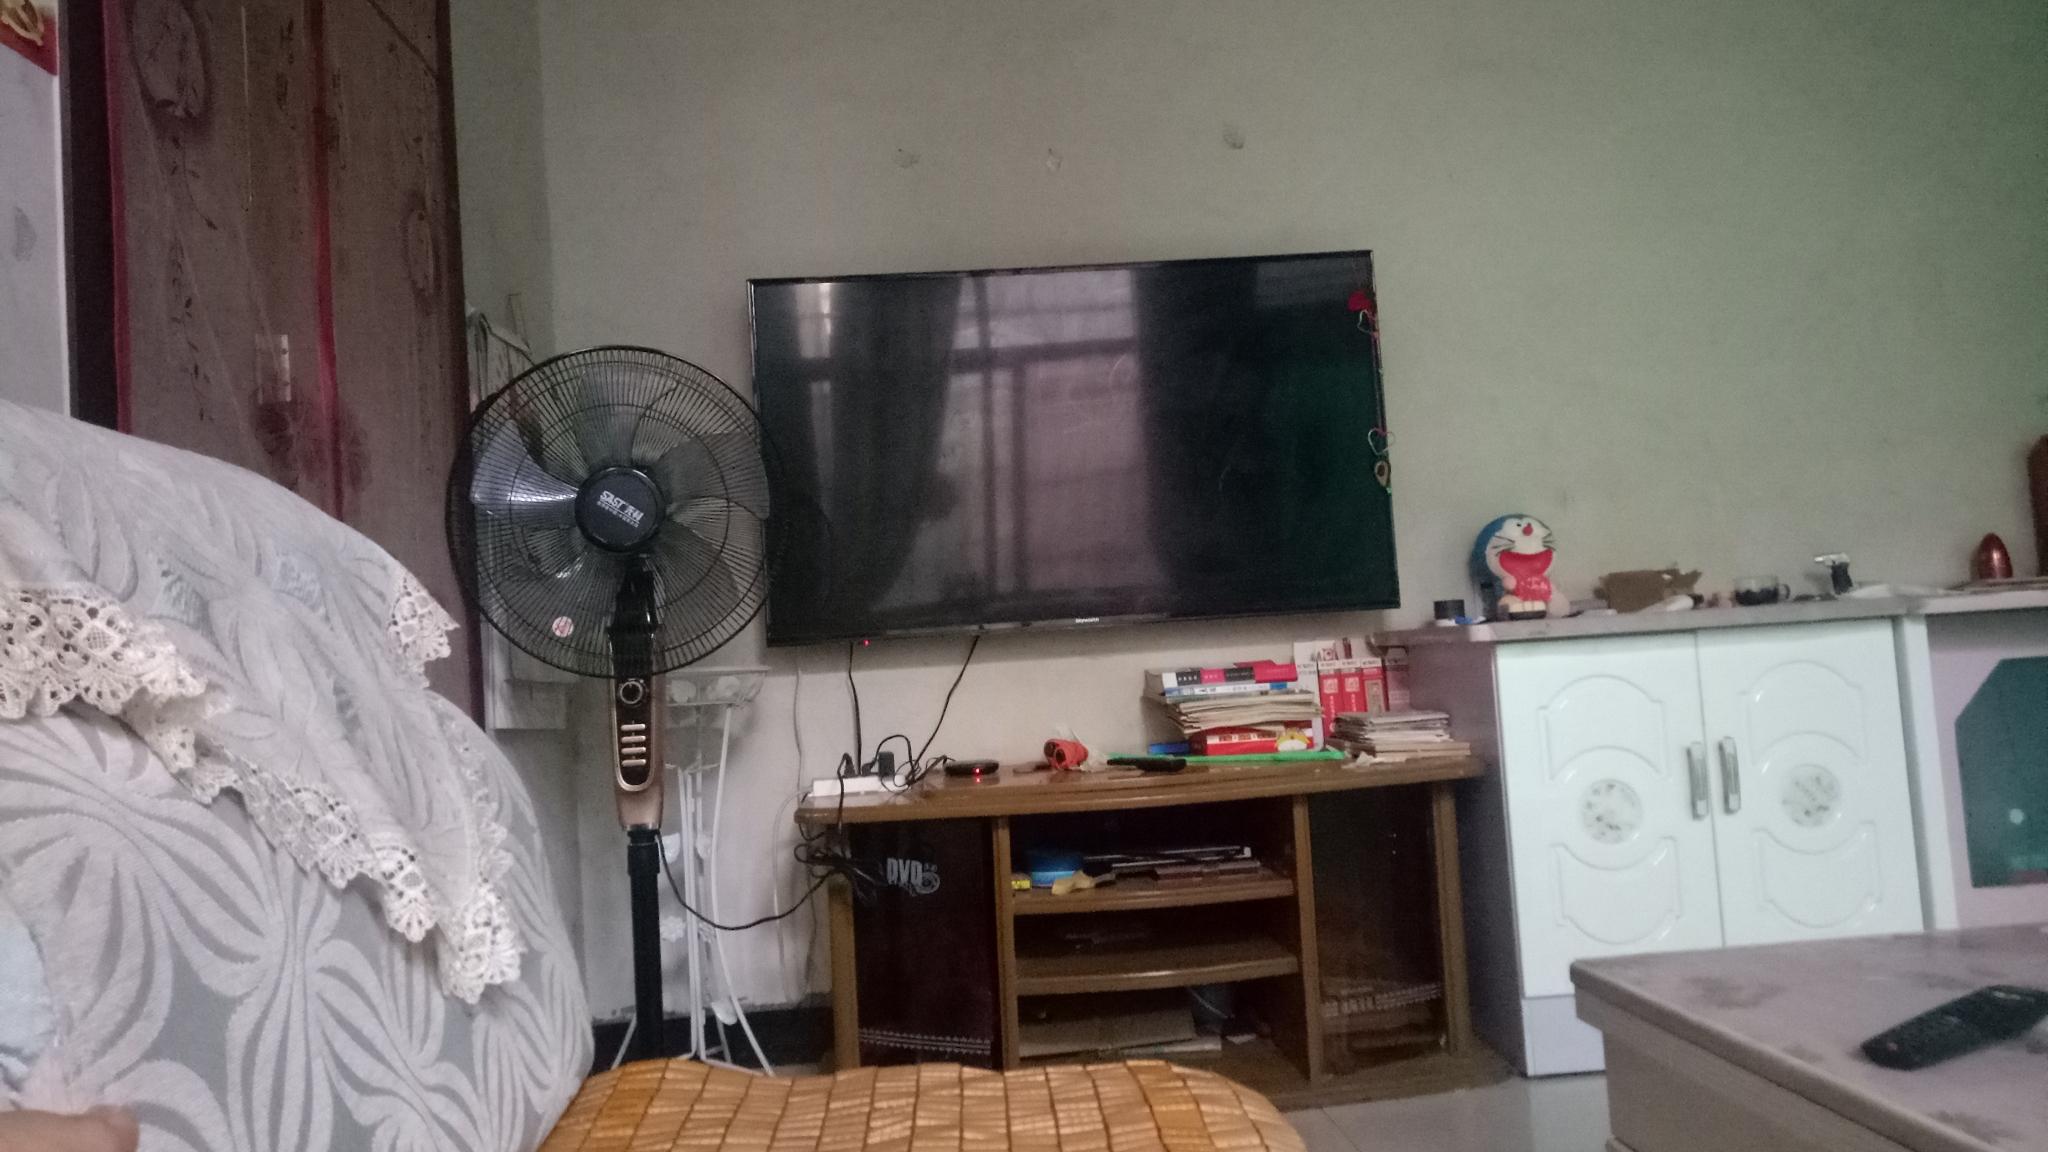 客厅里电视不居中偏左,该如何挑选合适的背景墙